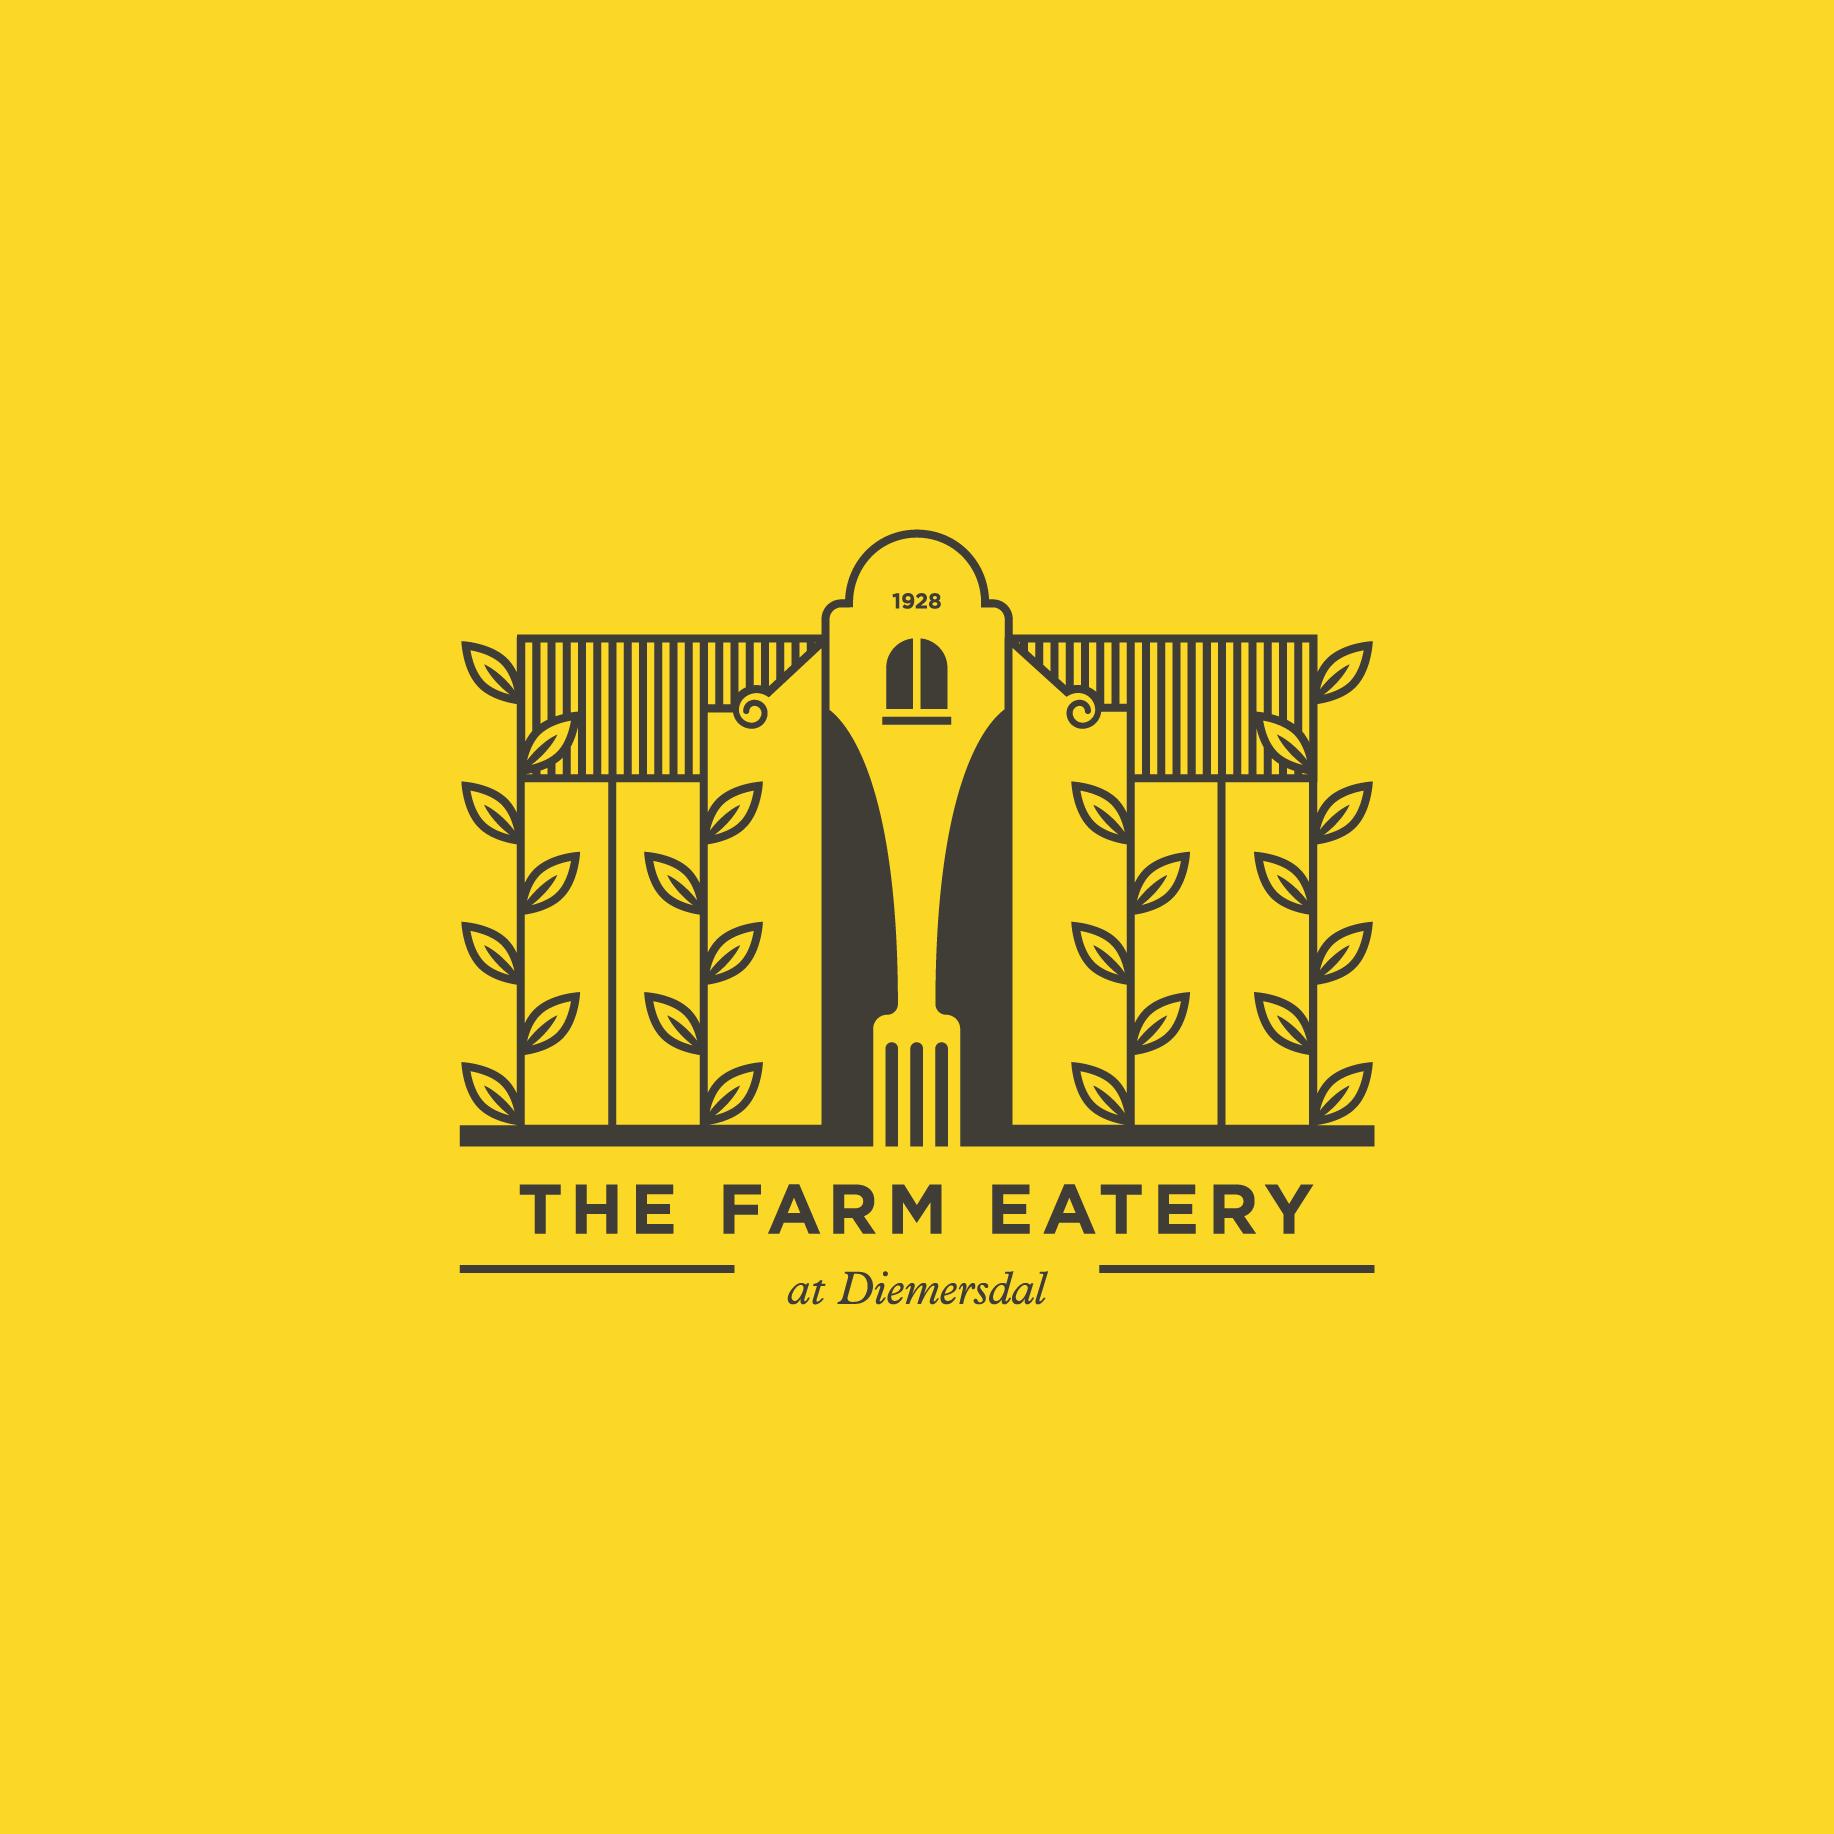 The Farm Eatery